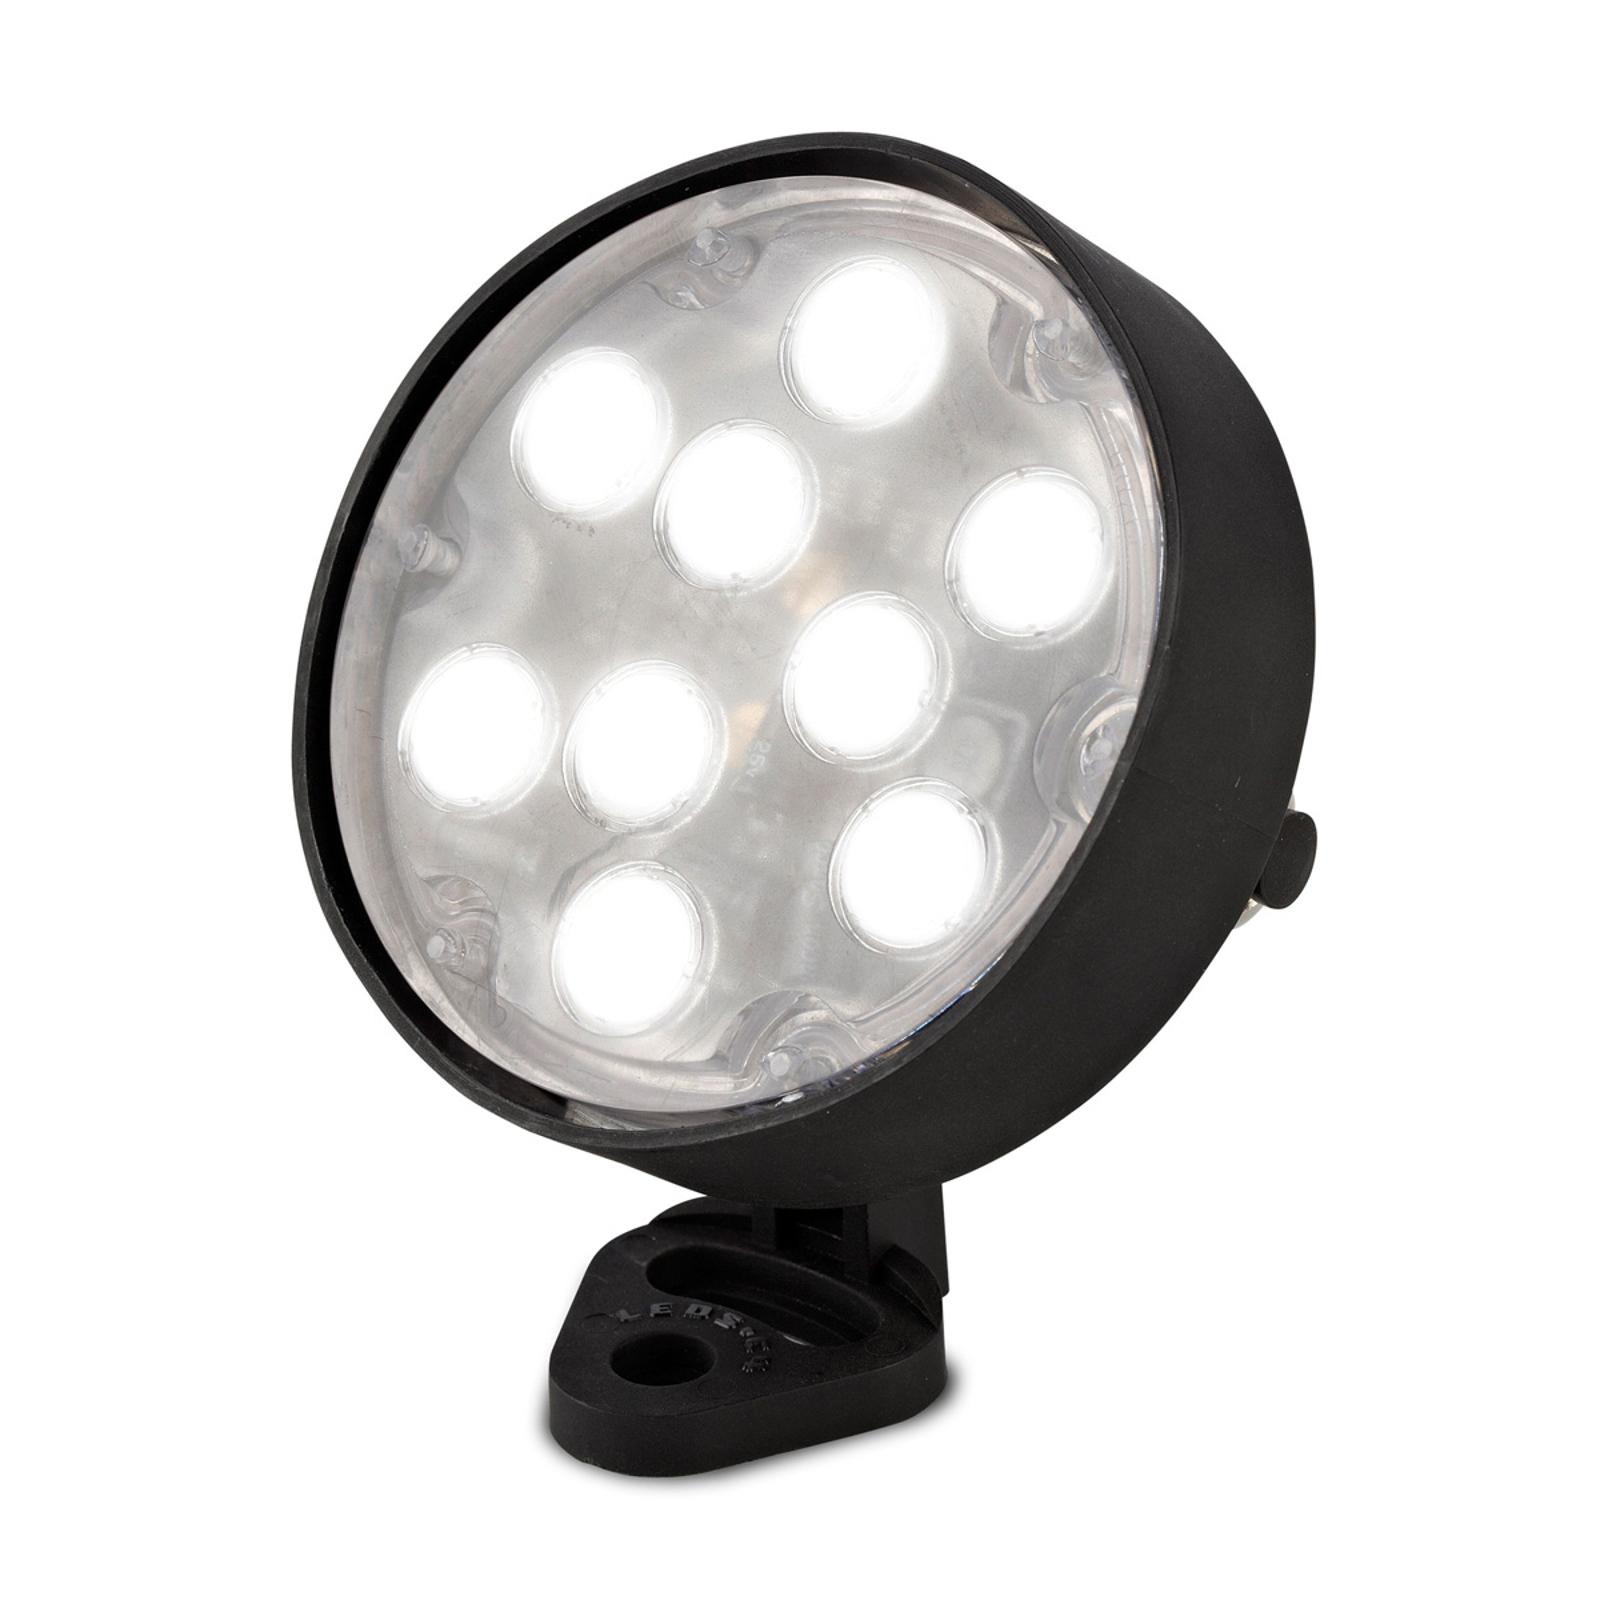 LED-Unterwasserstrahler Aqua, Durchmesser 10,4 cm